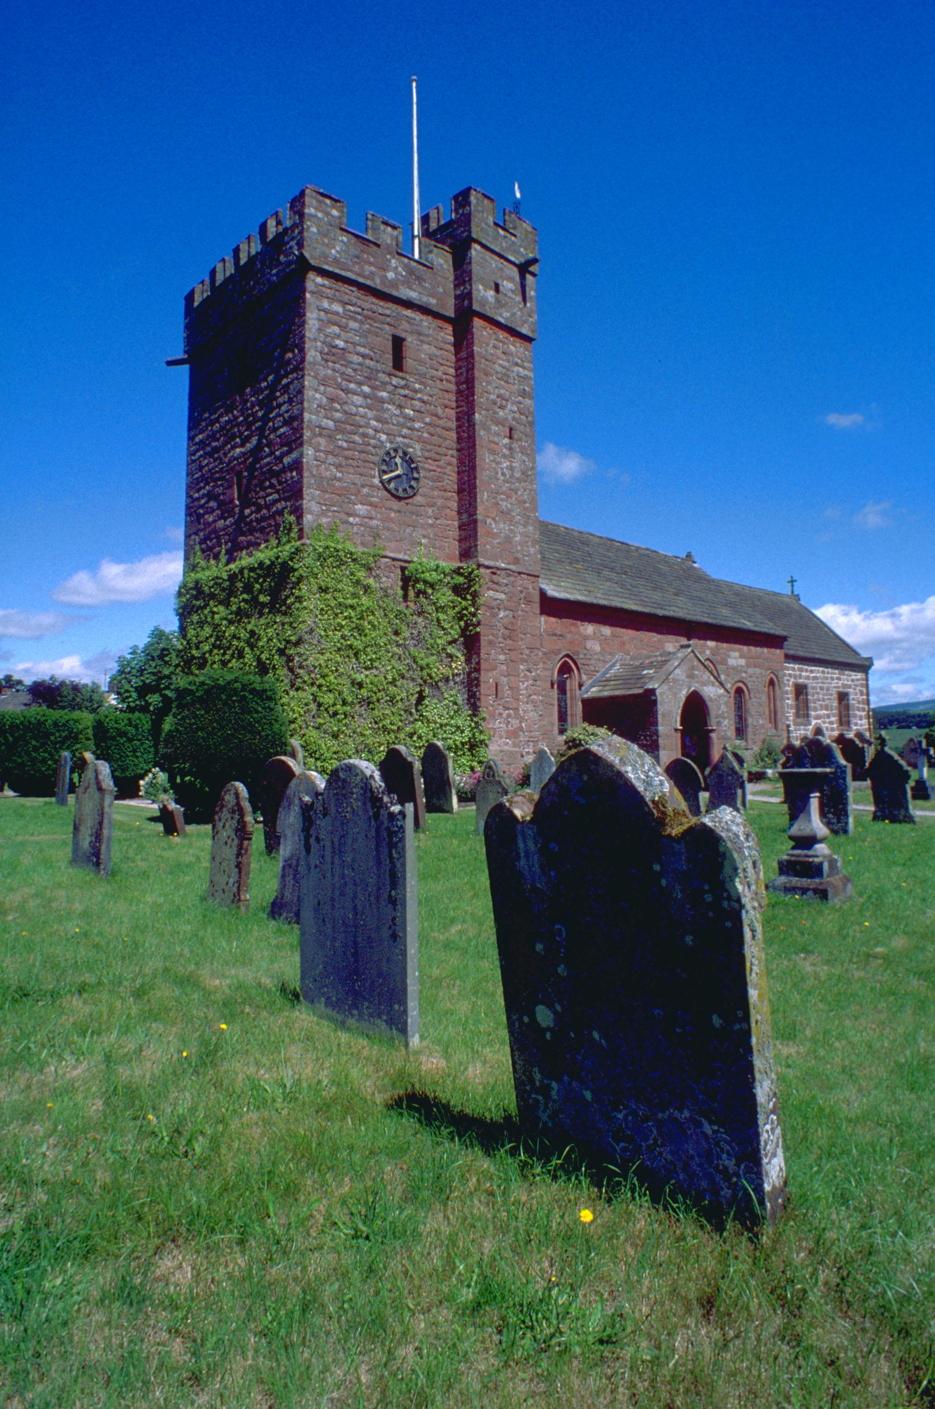 St Cuthbert's, Great Salkeld